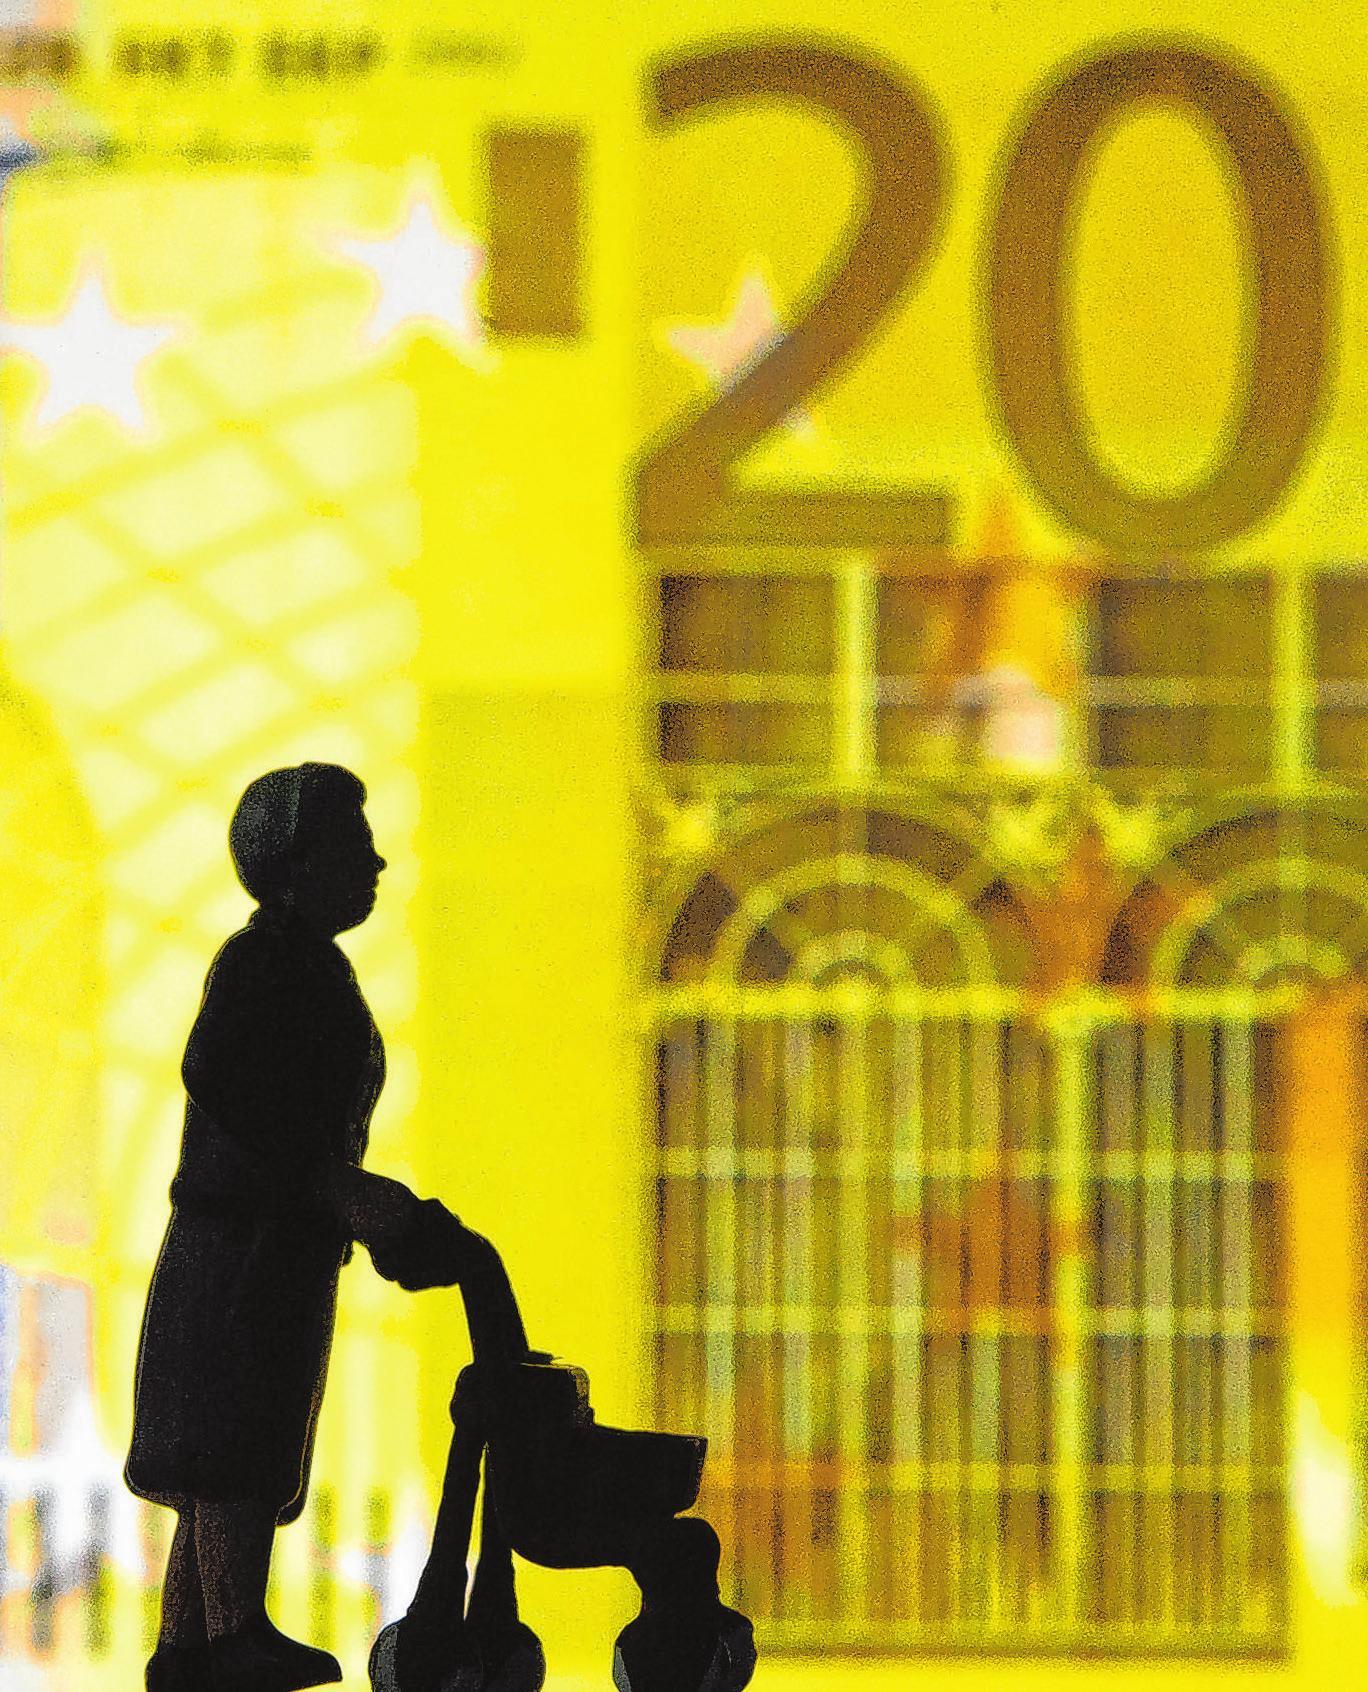 Altersvorsorge wird steuerlich gefördert: Bestimmte Zahlungen senken als Sonderausgaben das zu versteuernde Einkommen.Foto: Andrea Warnecke/dpa-mag